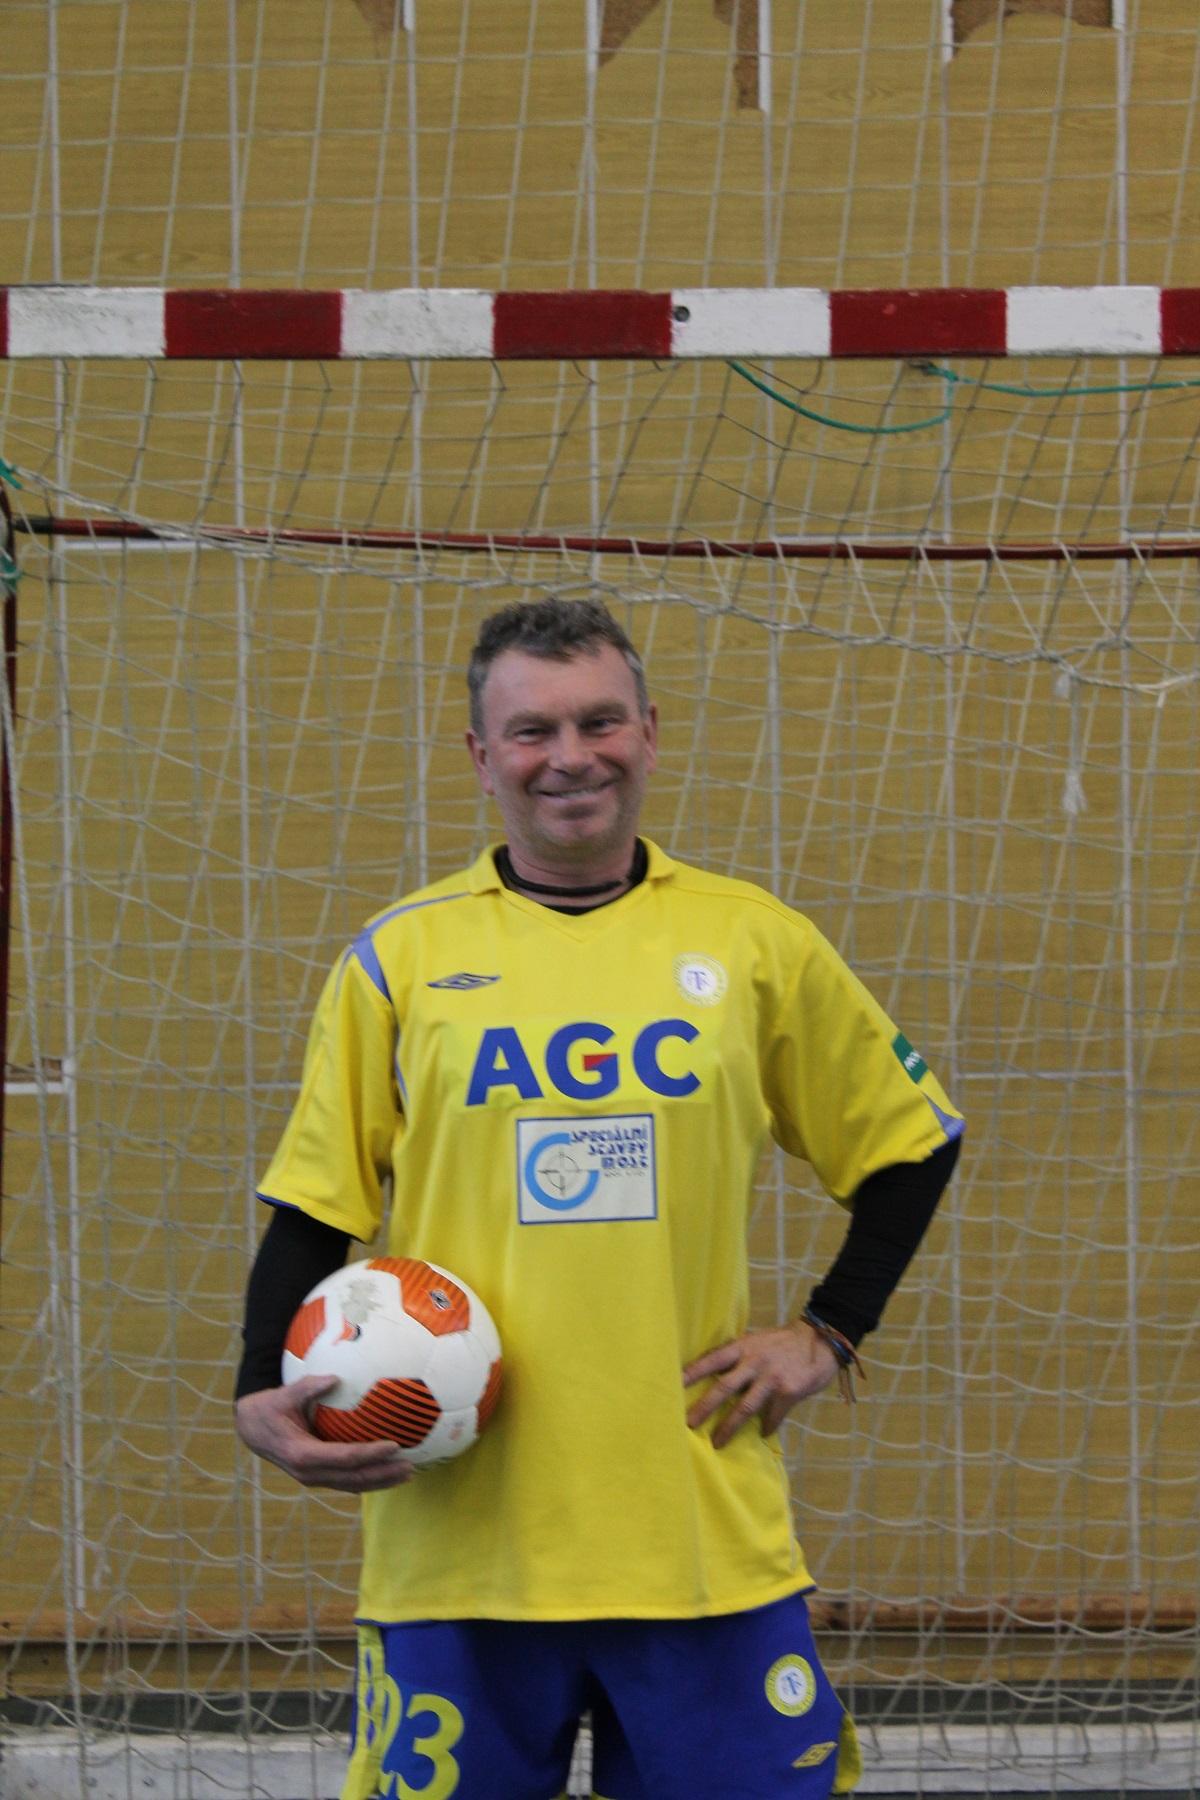 Nejstarší hráč turnaje Pavel Černý SK Nový Knín  I  foto: Jiří Krákora